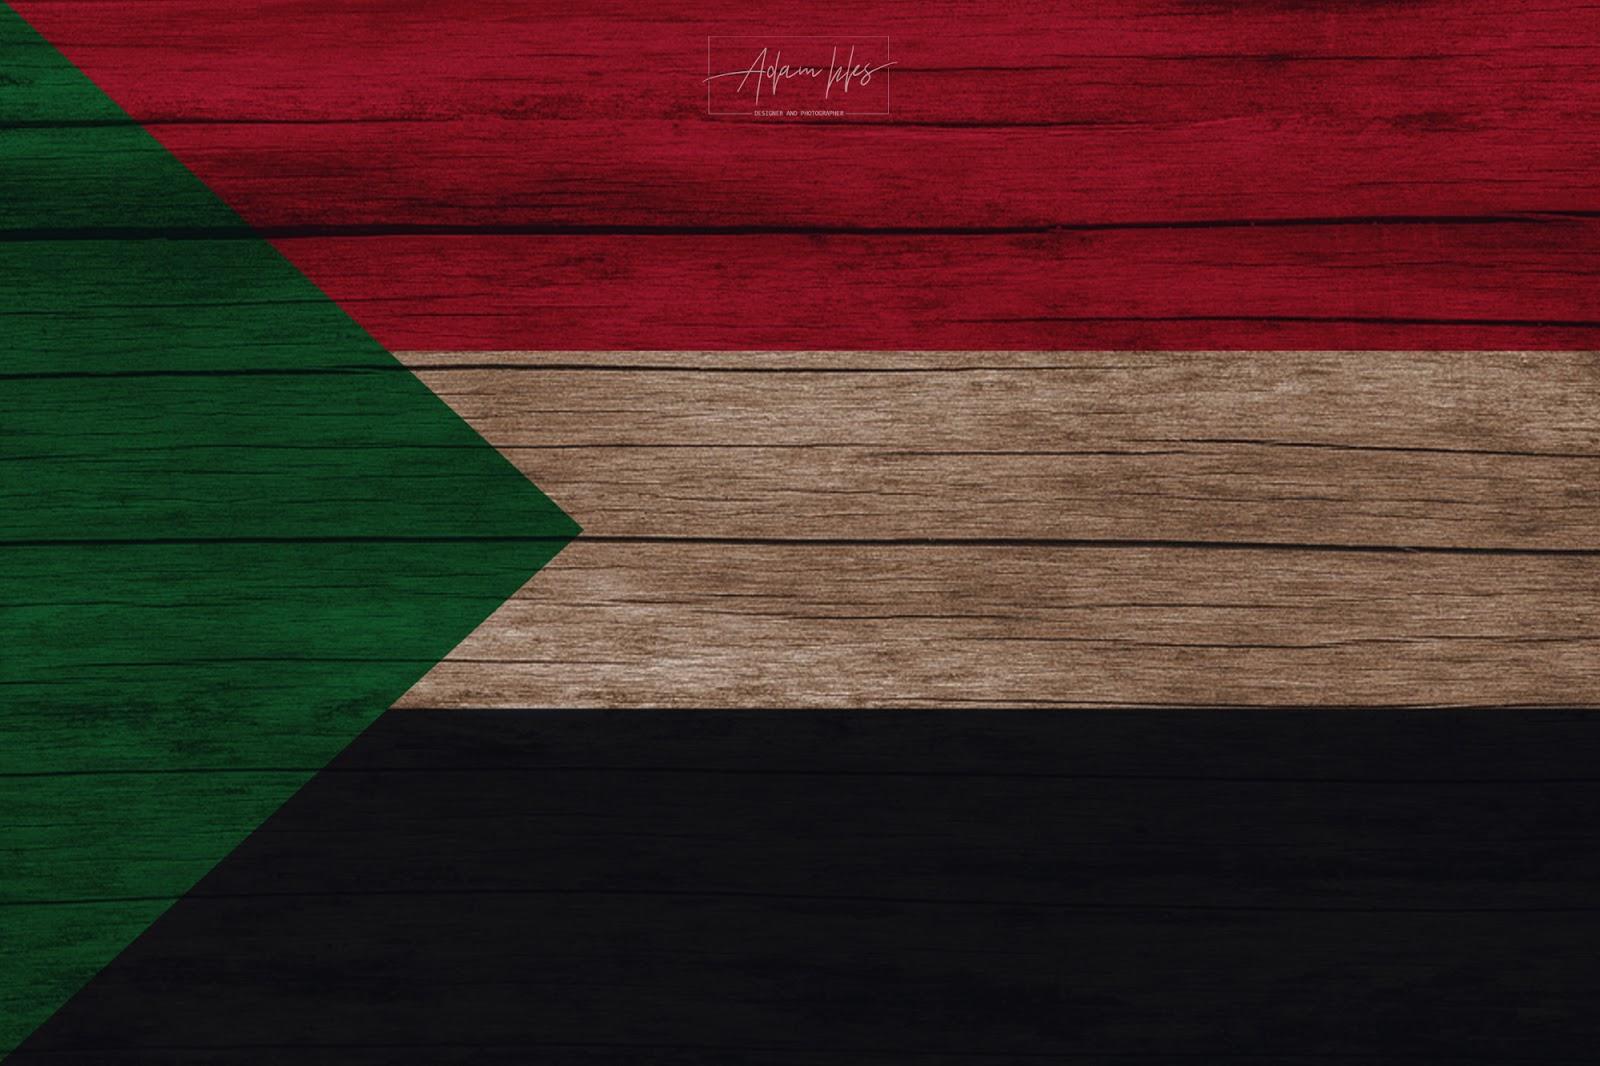 علم السودان مرسوم على لوح خشب.